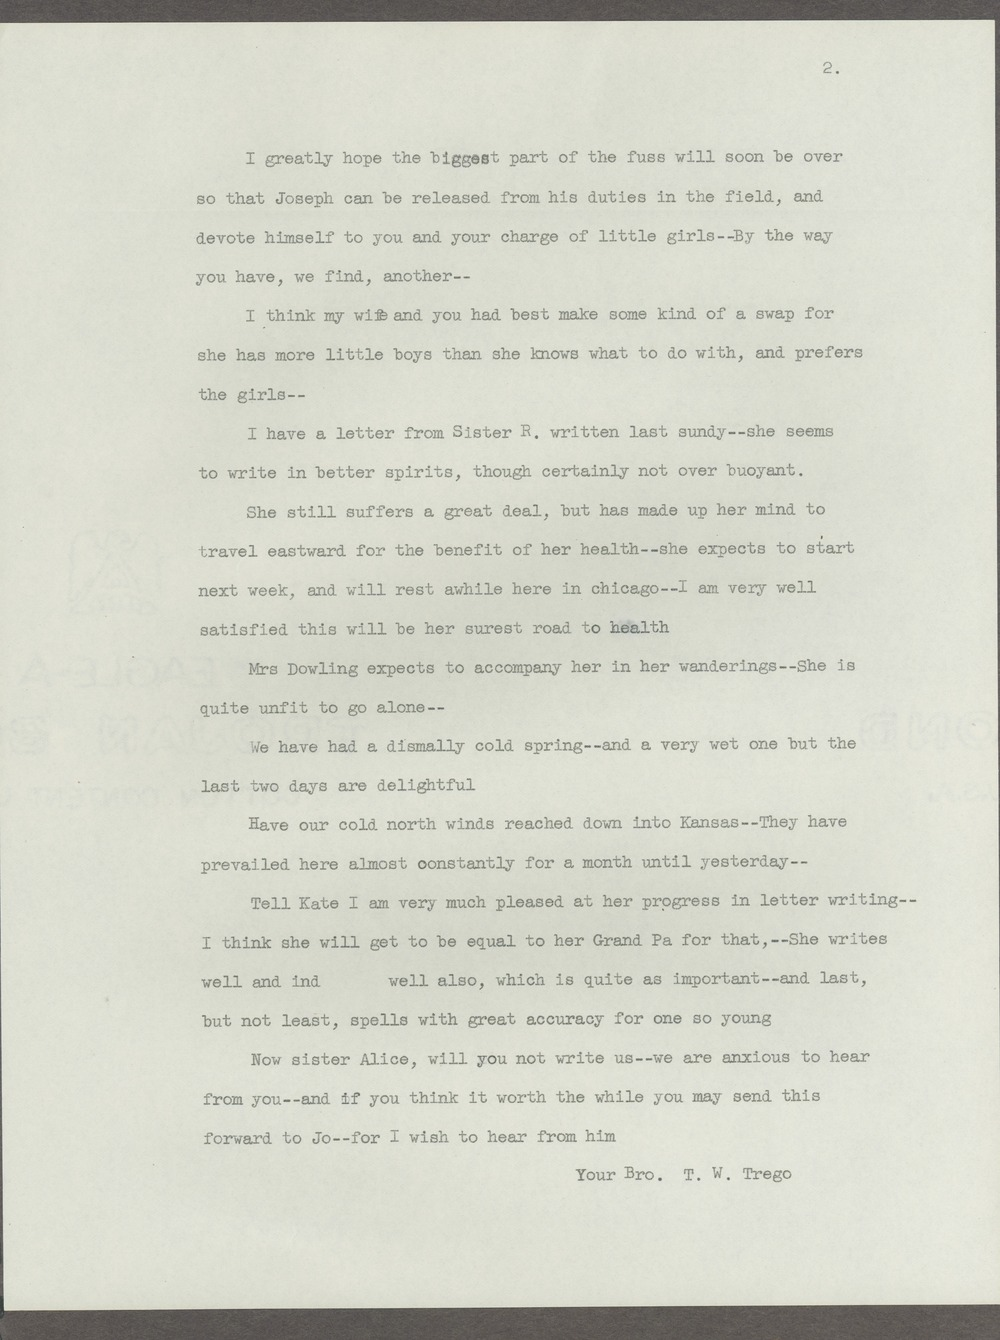 Joseph H. Trego correspondence - 2